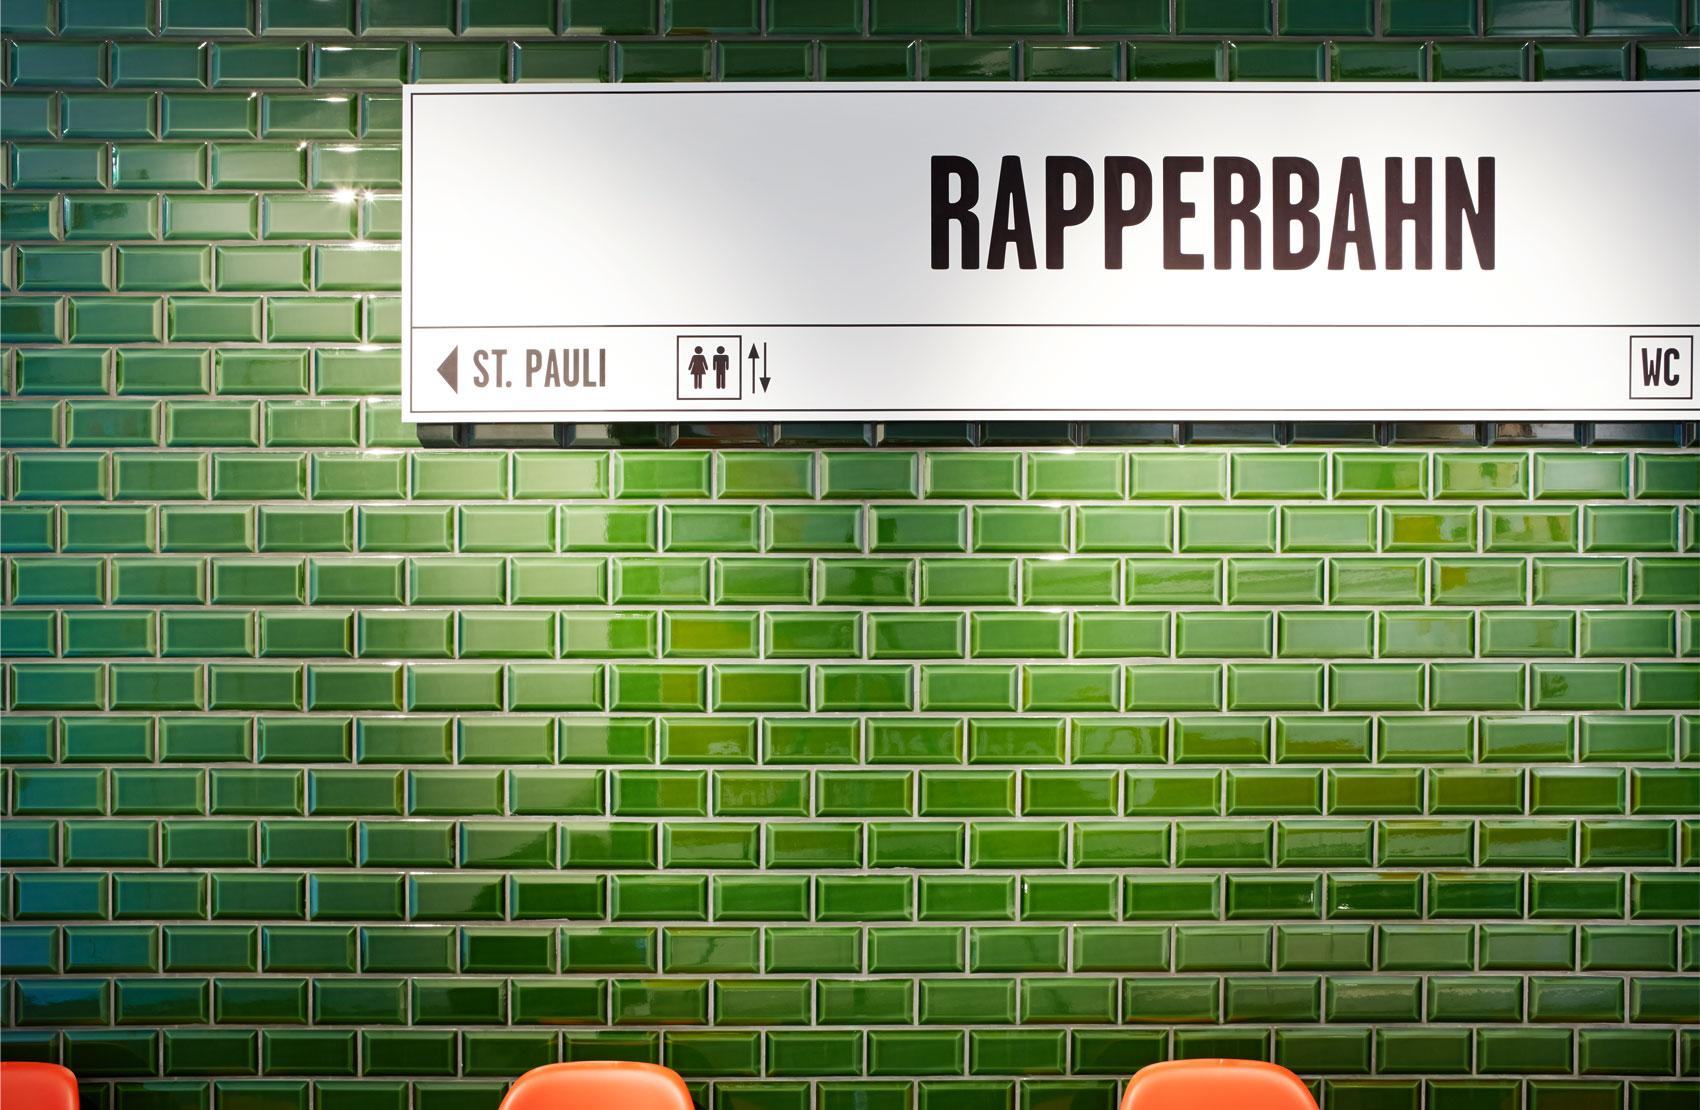 Rapp_17_B